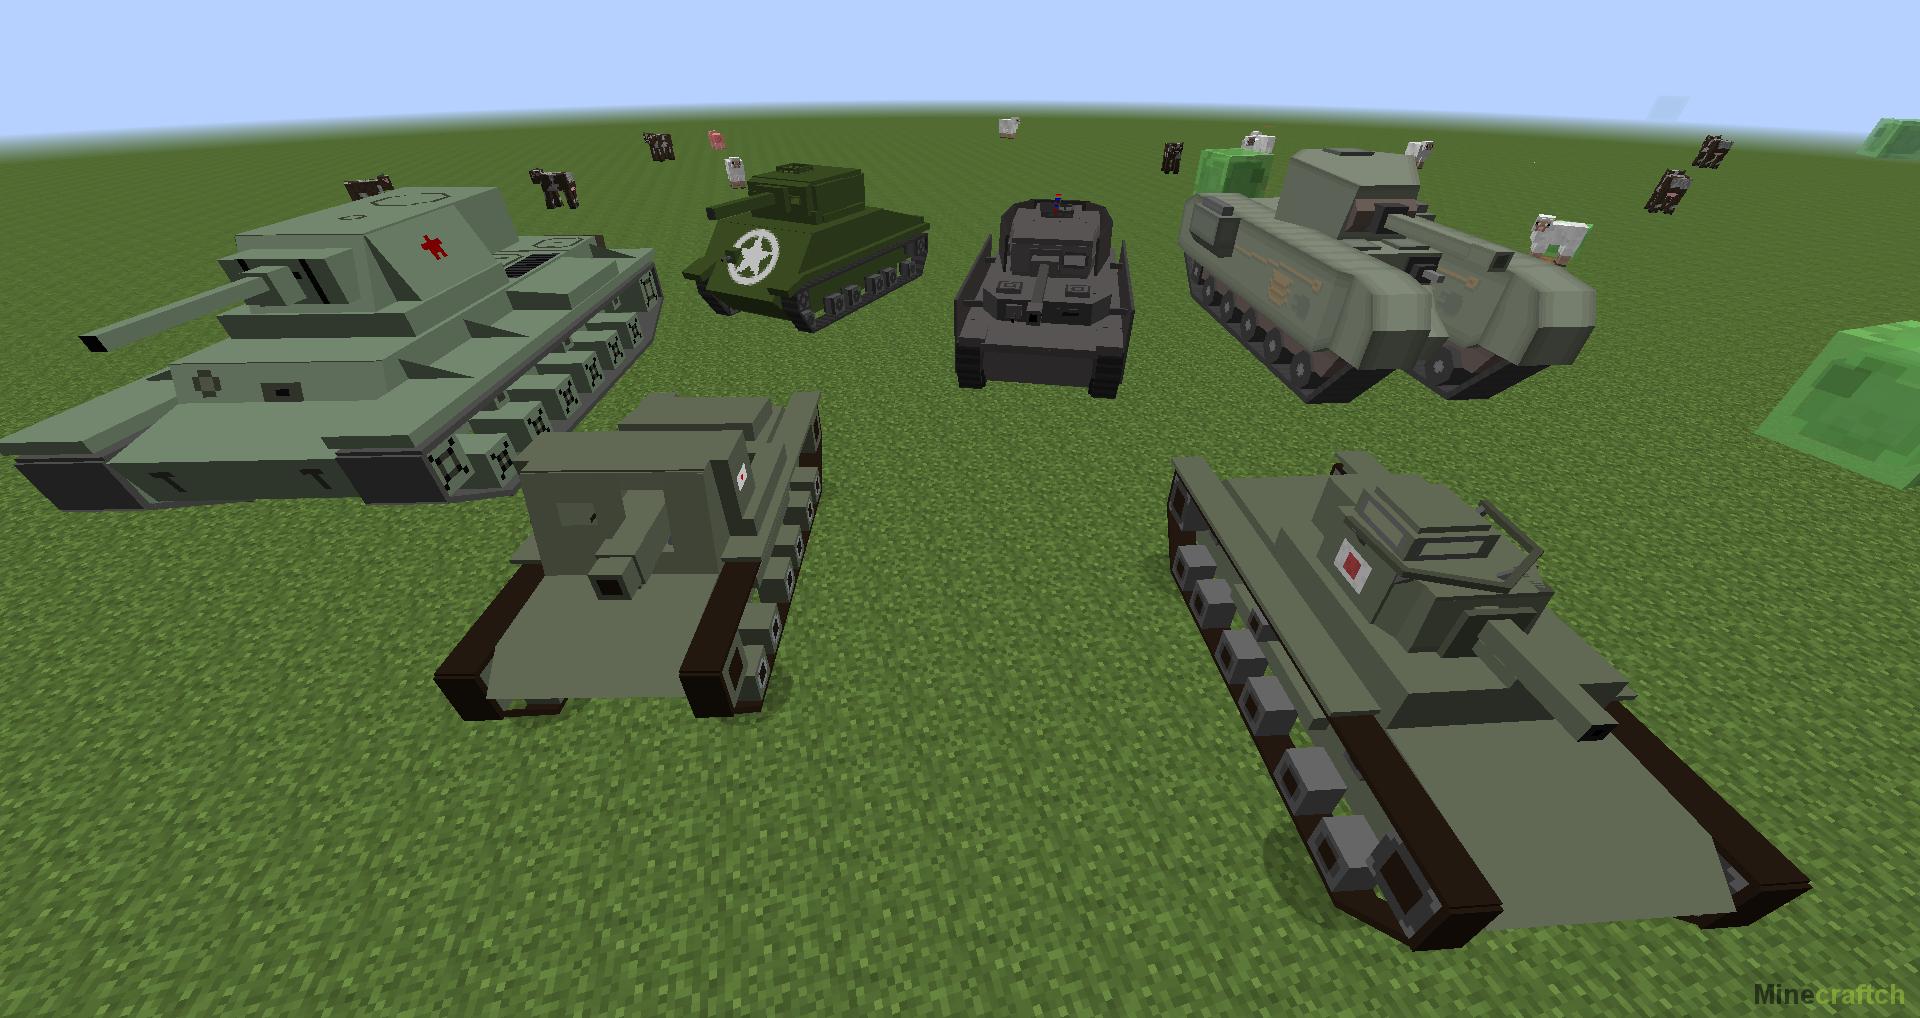 моды на танки без архива на майнкрафт 1.7.10 #3